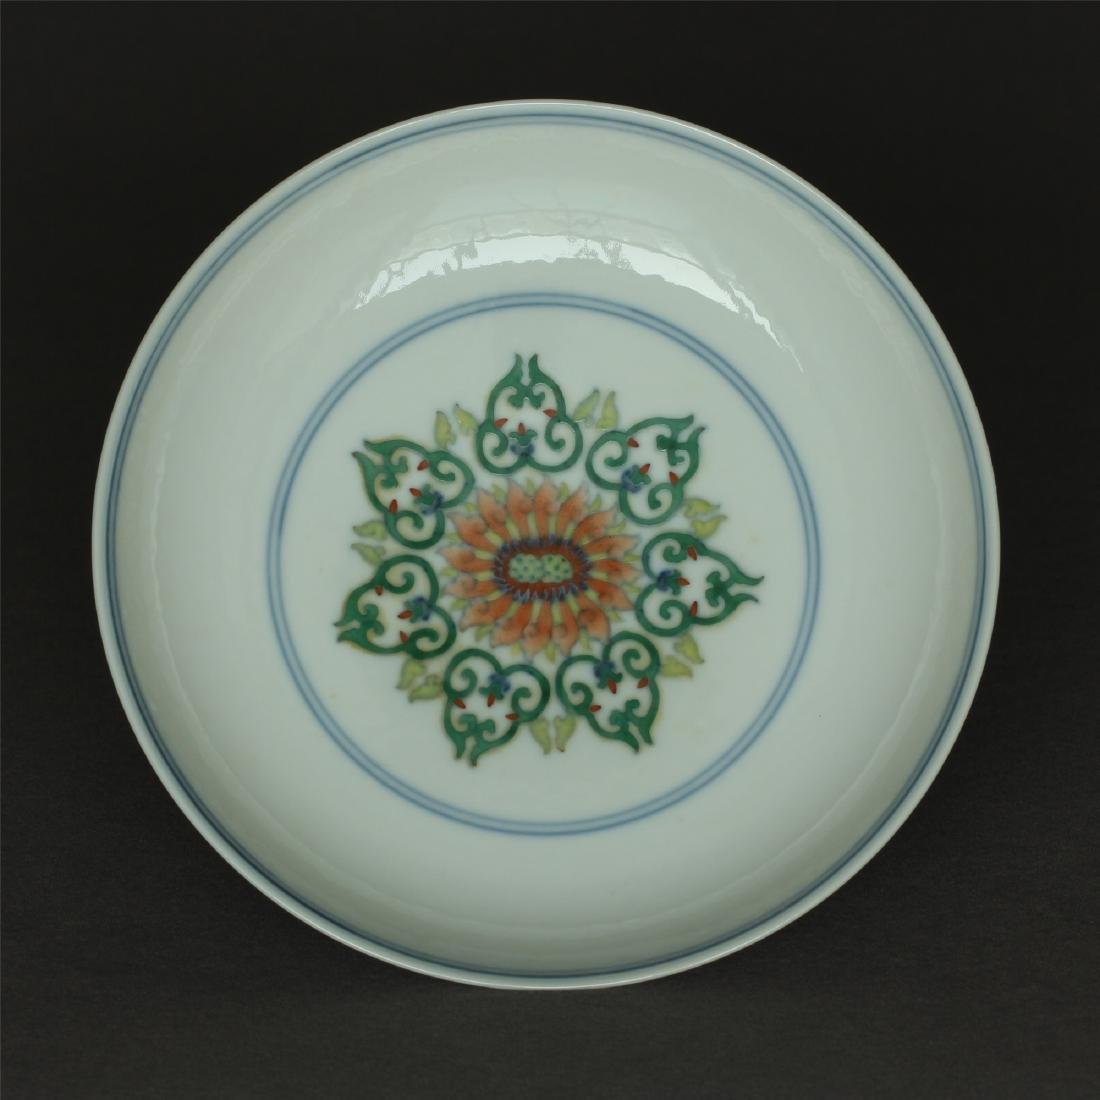 Doucai porcelain plate of Qing Dynasty QianLong mark.